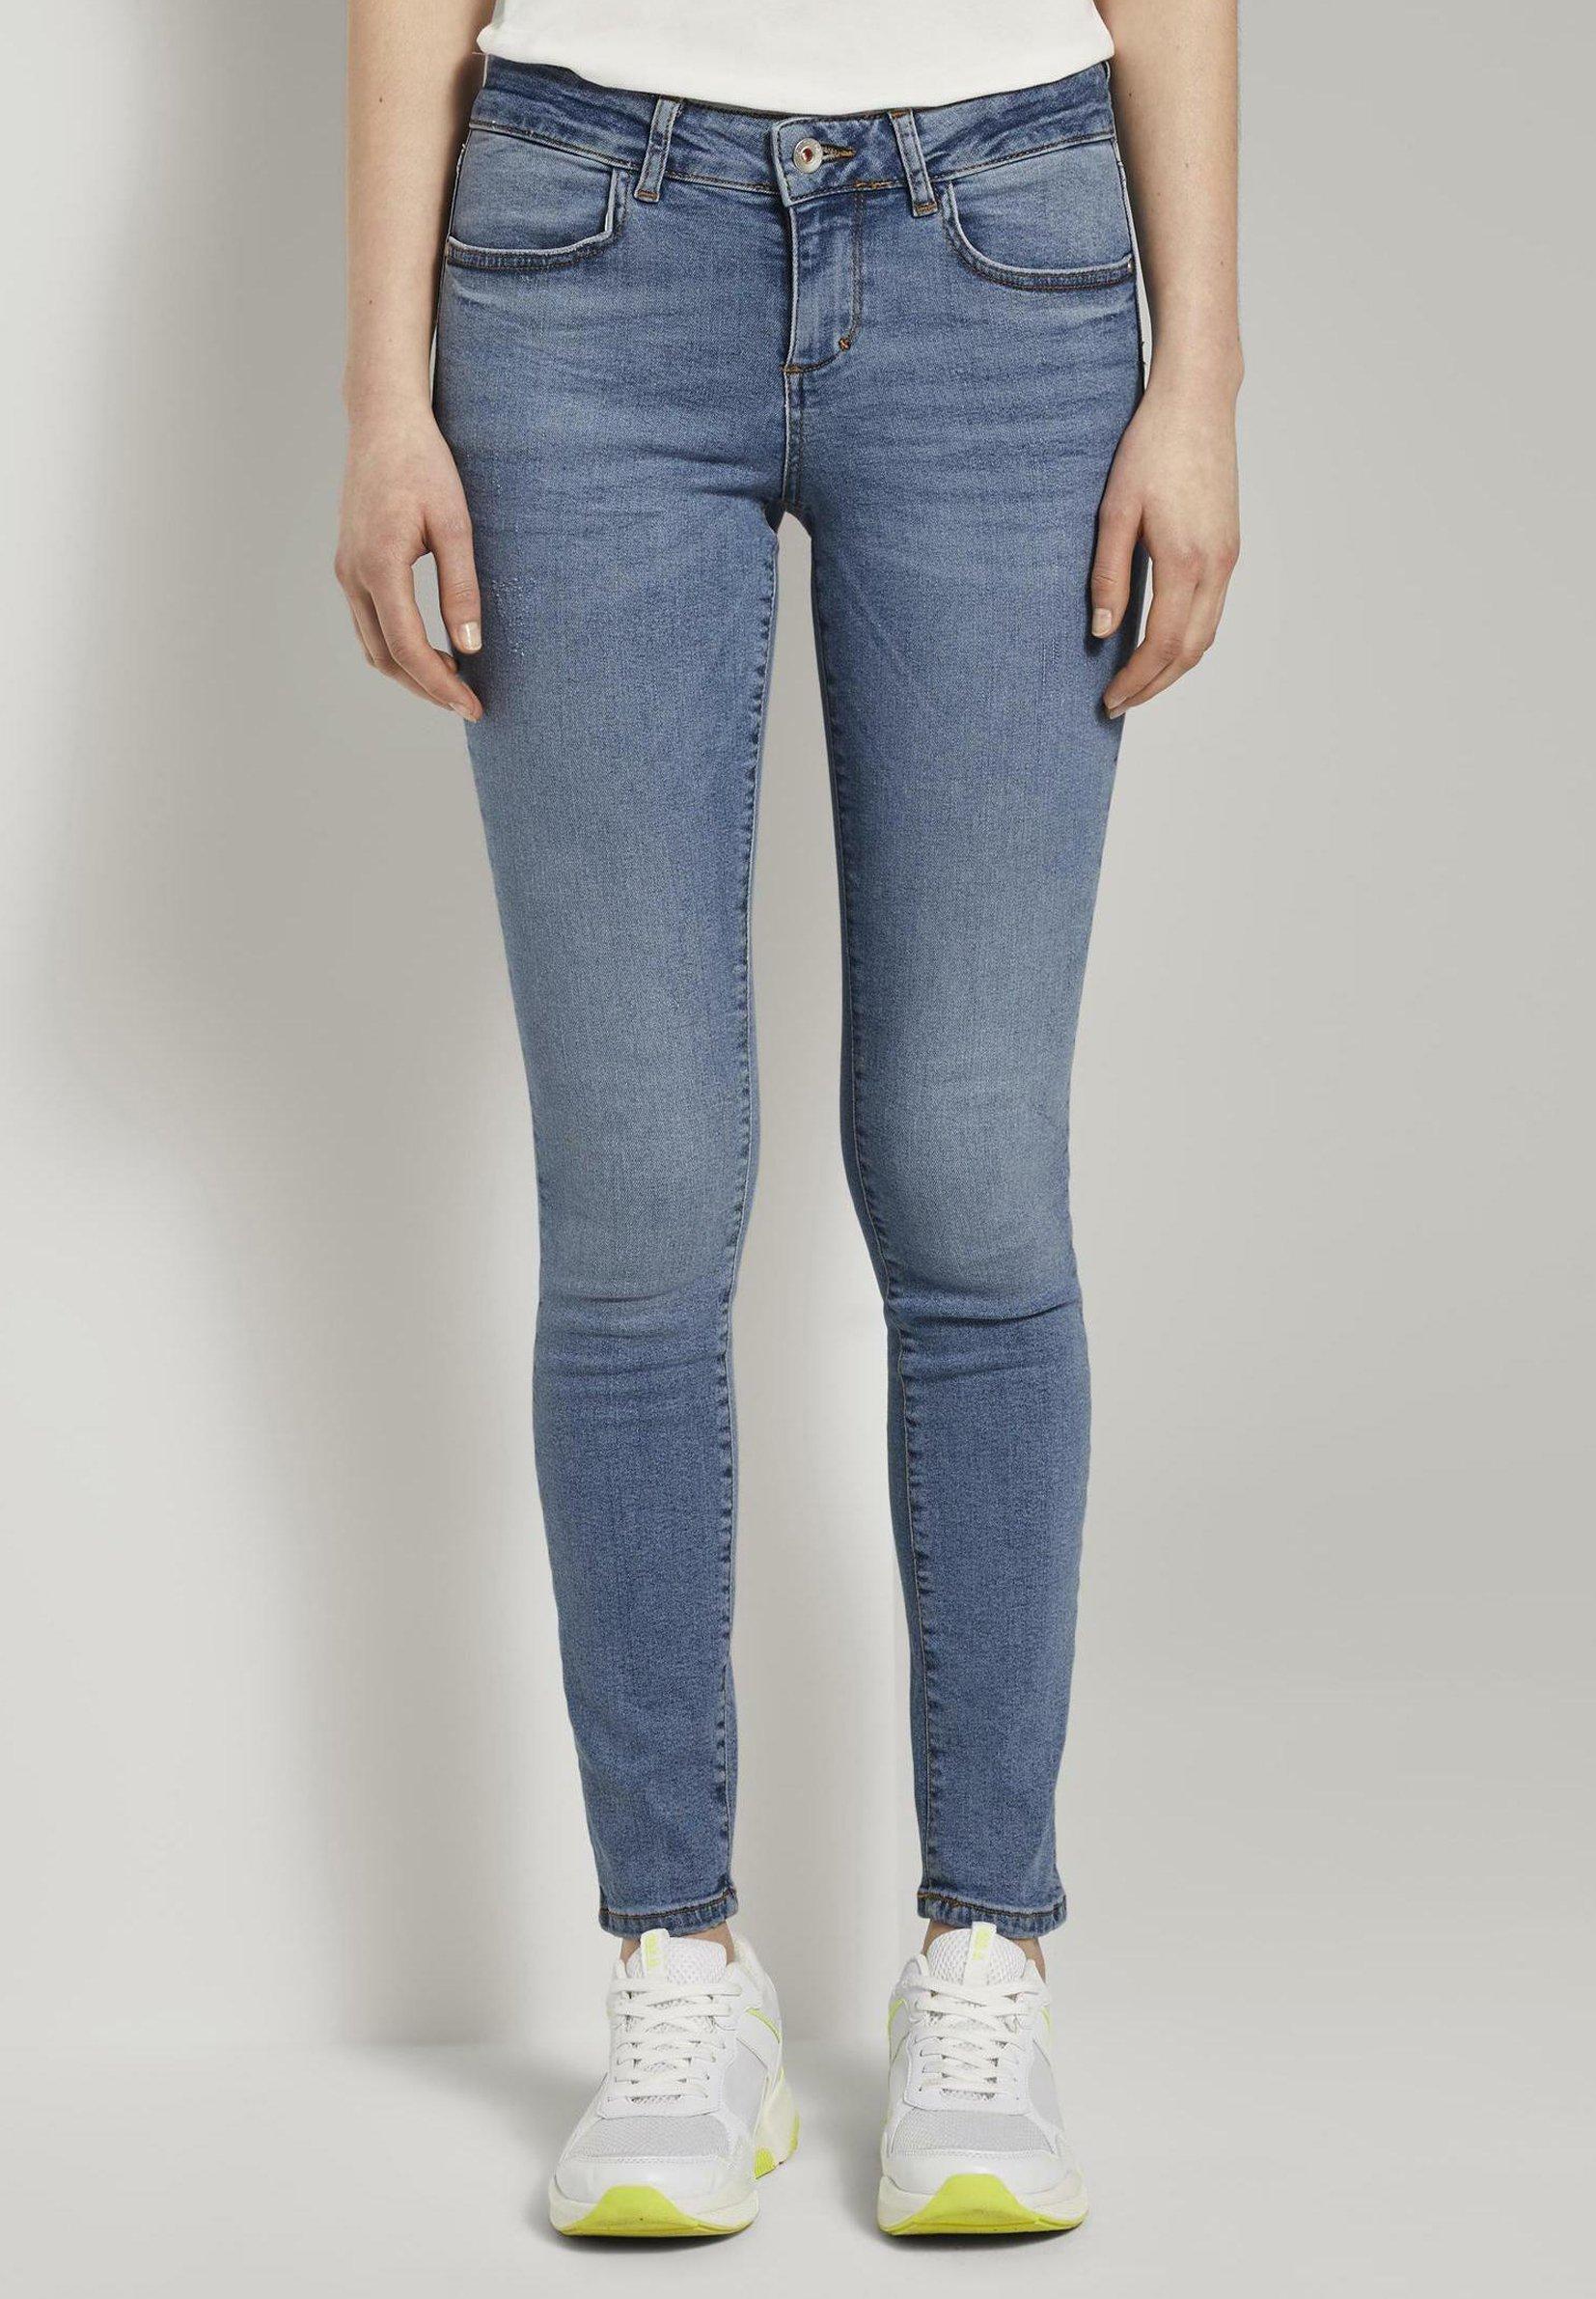 Jeans für Damen versandkostenfrei kaufen | ZALANDO